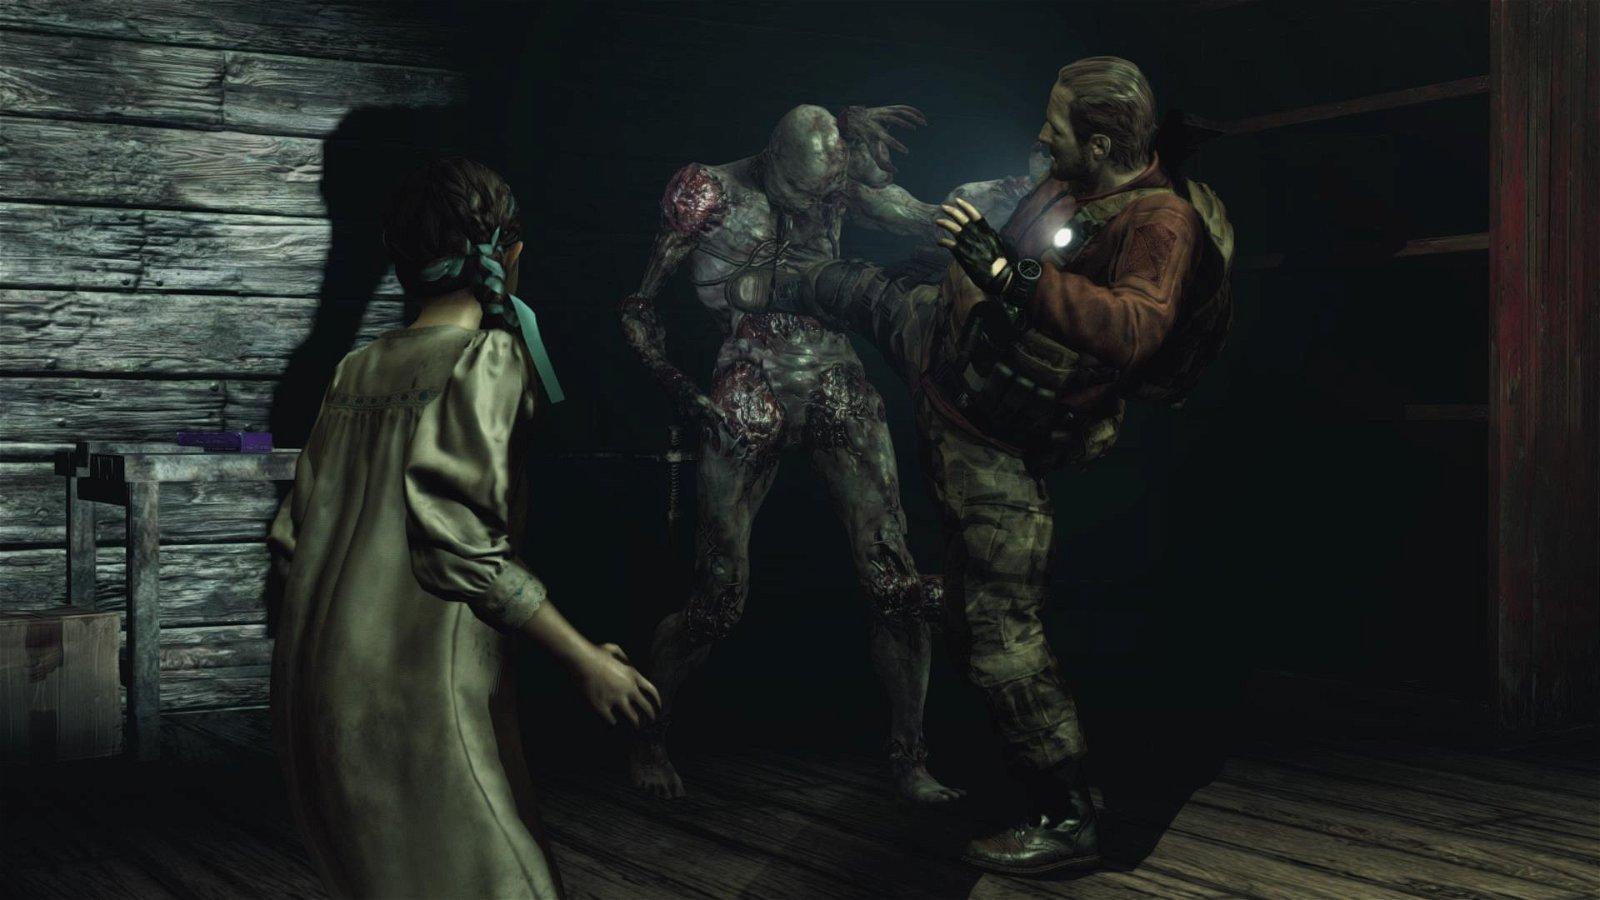 Resident-Evil-Revelations-2-REVIEW-IMAGE-002